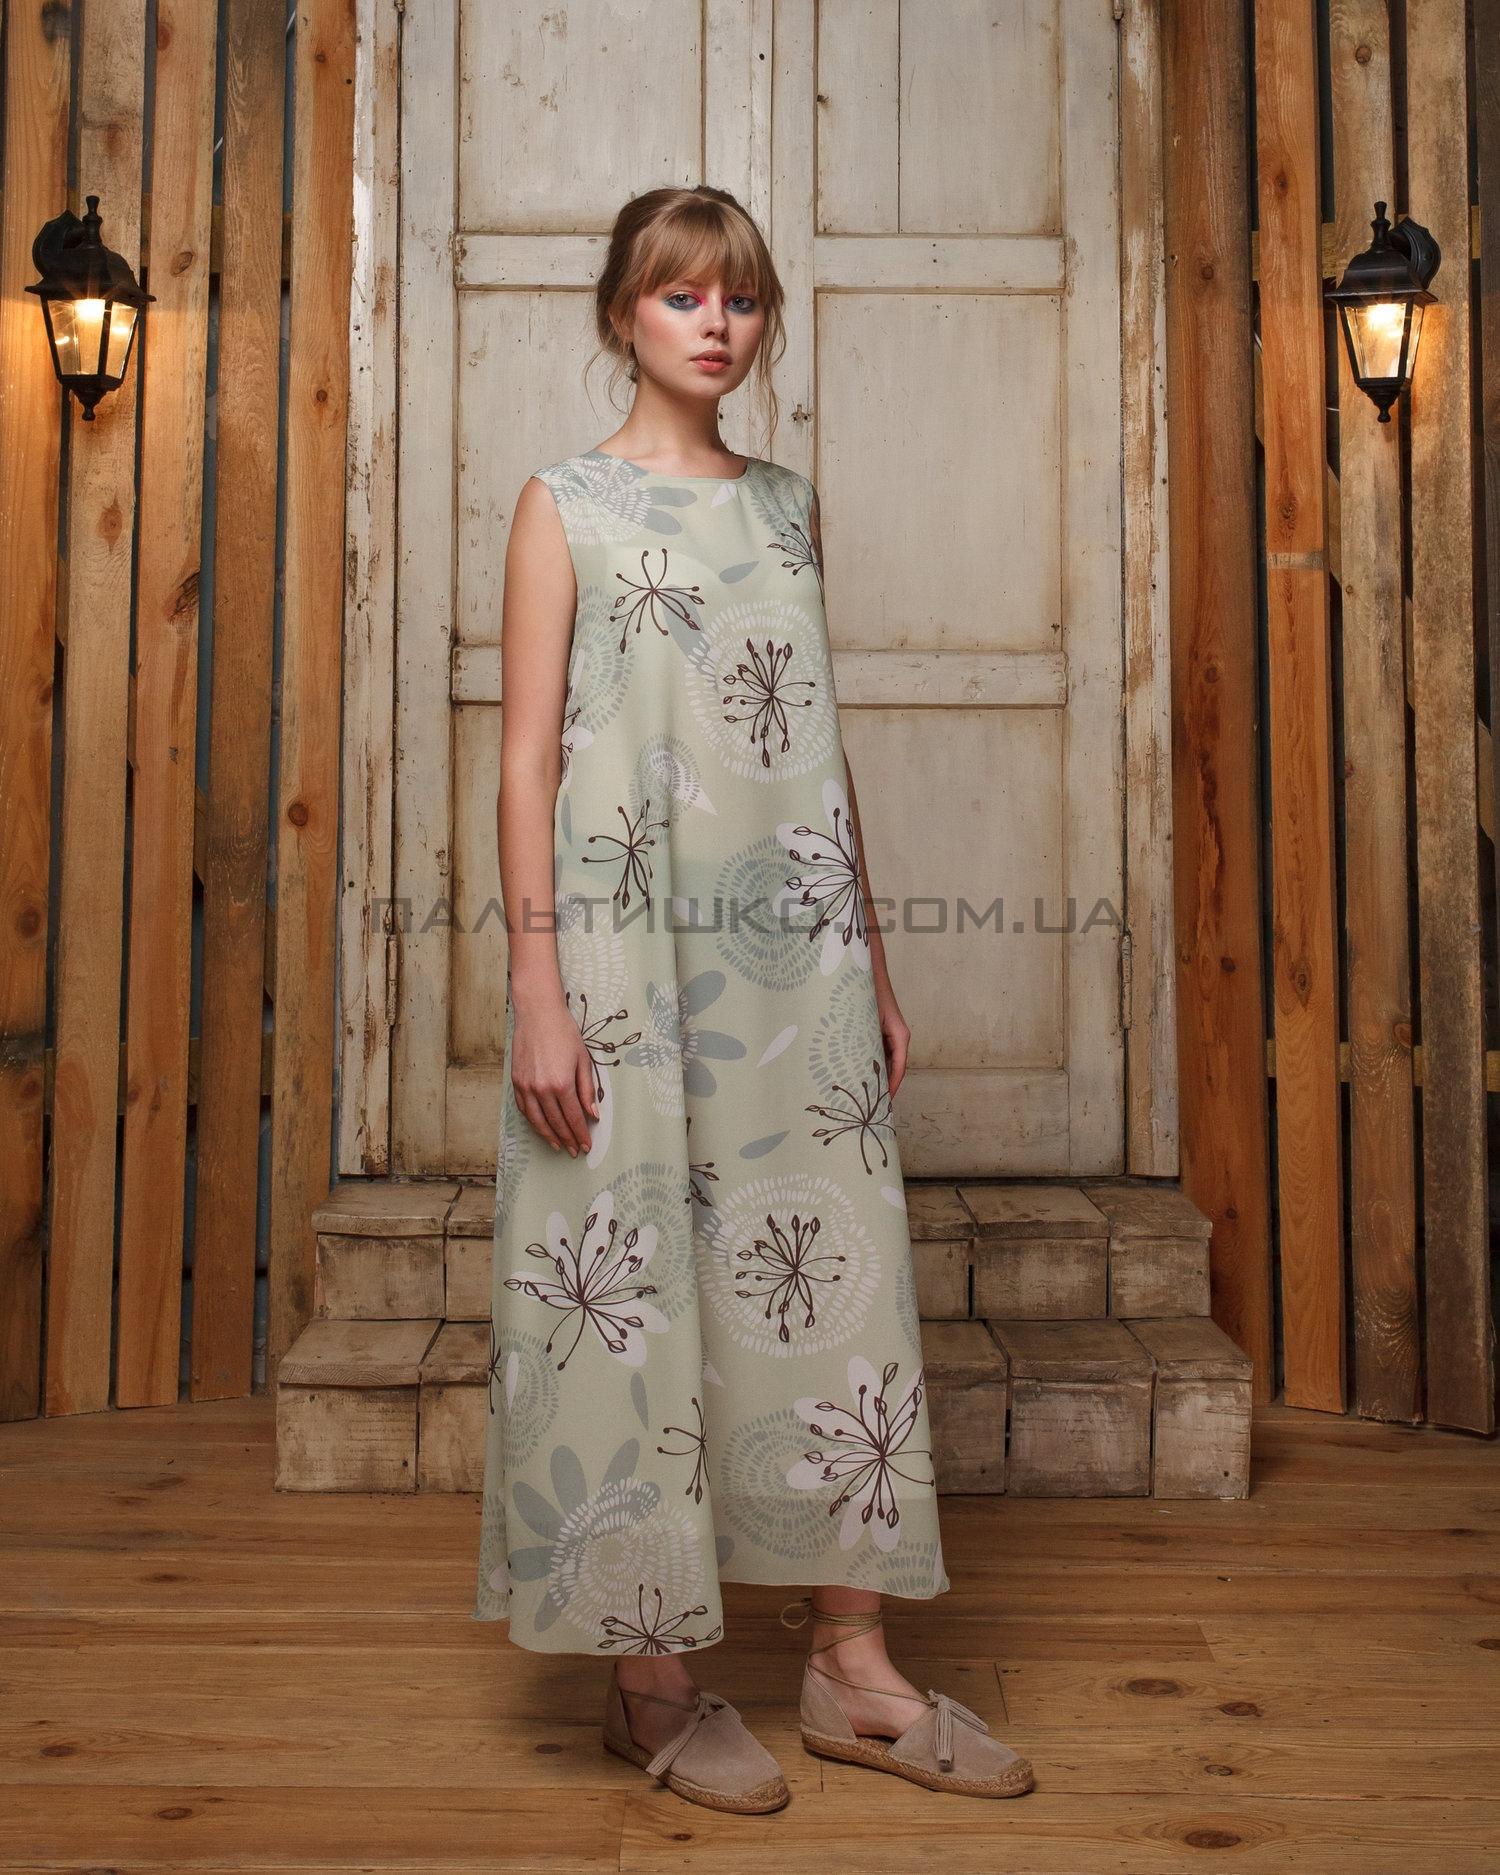 Платье летний принт